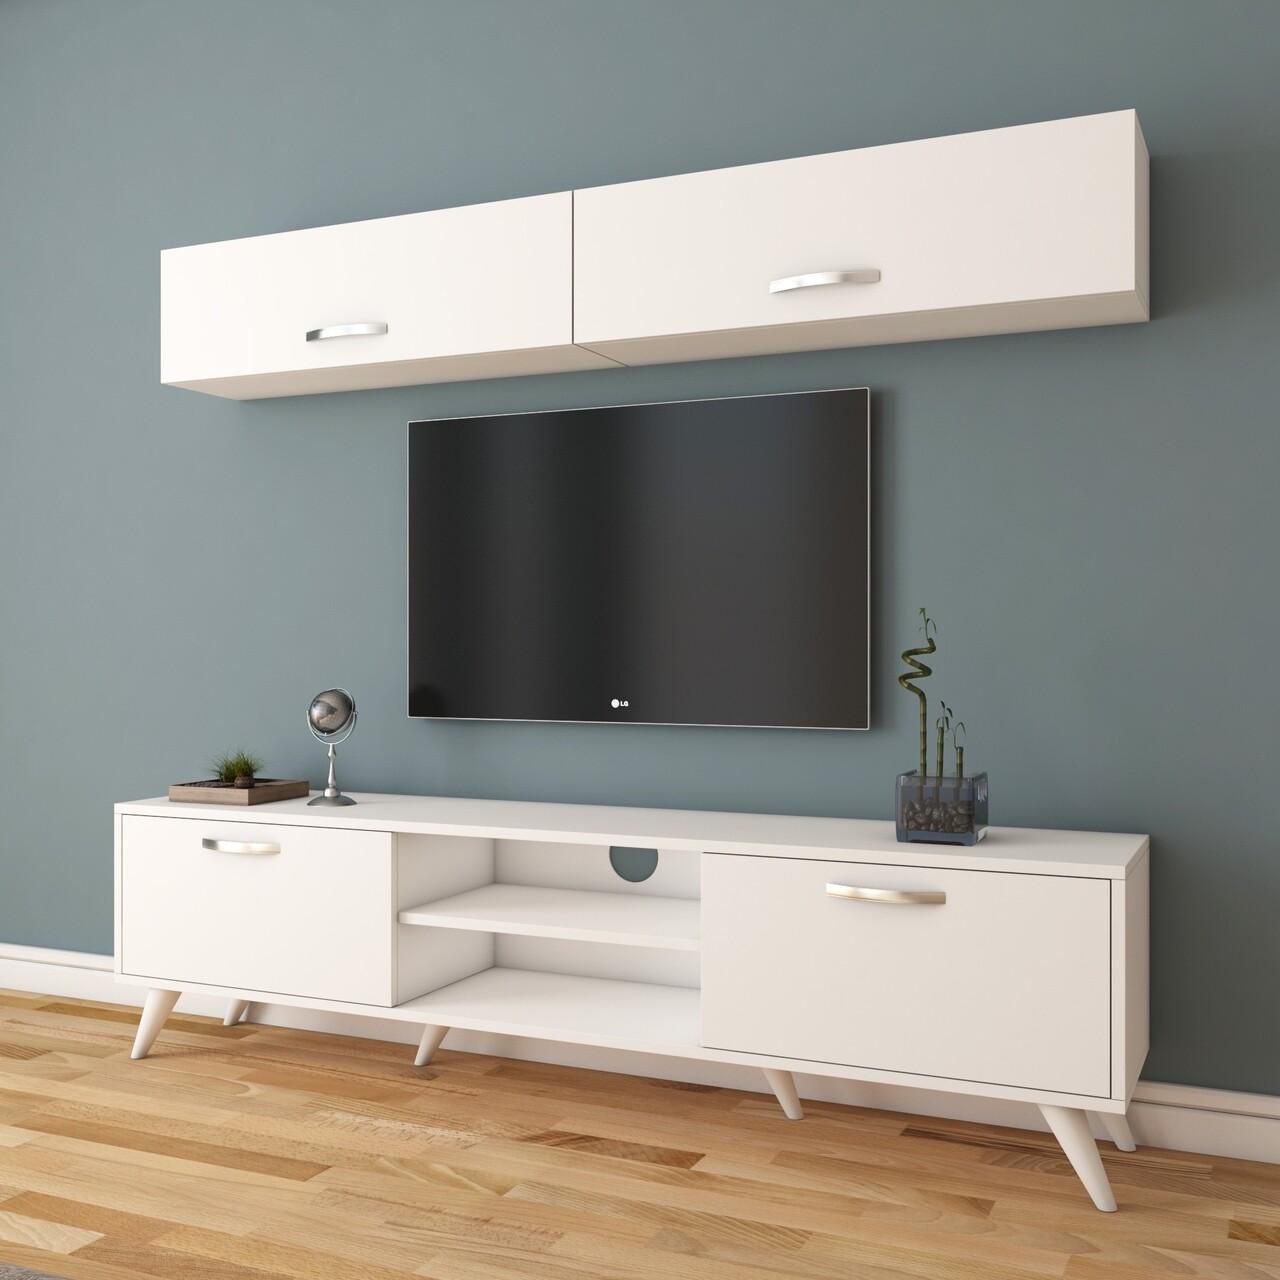 Comoda TV cu 2 rafturi de perete M19 - 267, Wren, 180 x 35 x 48.6 cm/90 cm, white